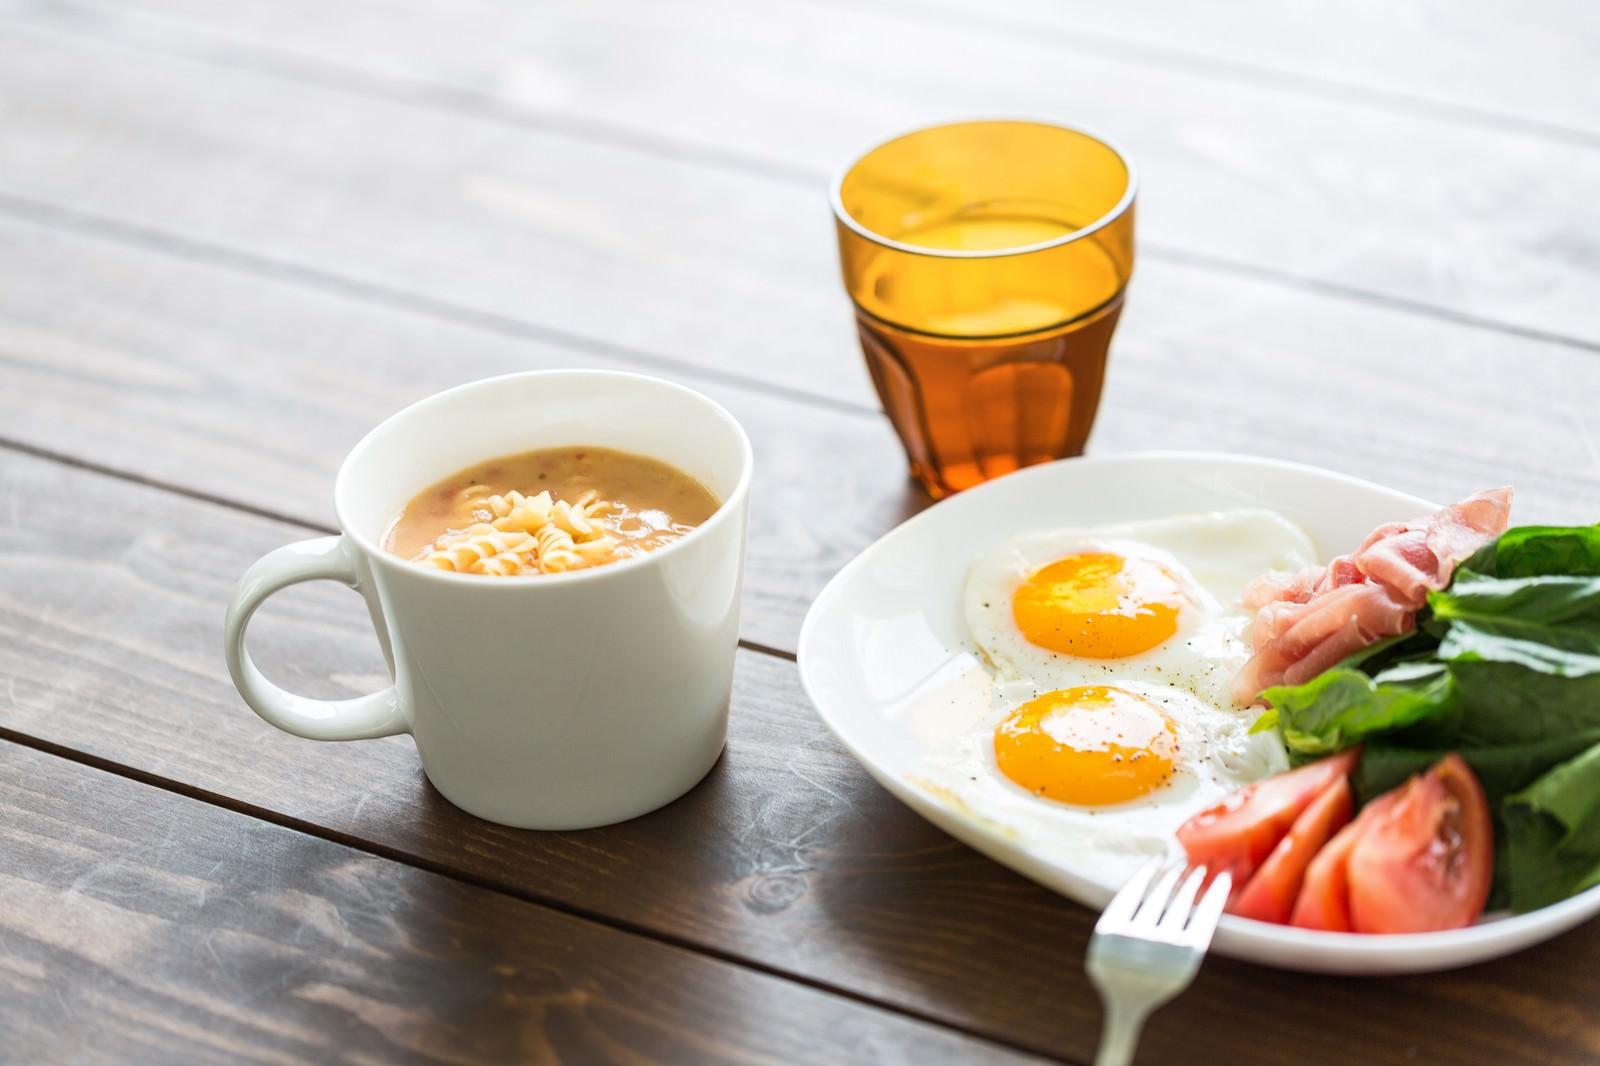 「朝食の目玉焼きとスープ朝食の目玉焼きとスープ」のフリー写真素材を拡大